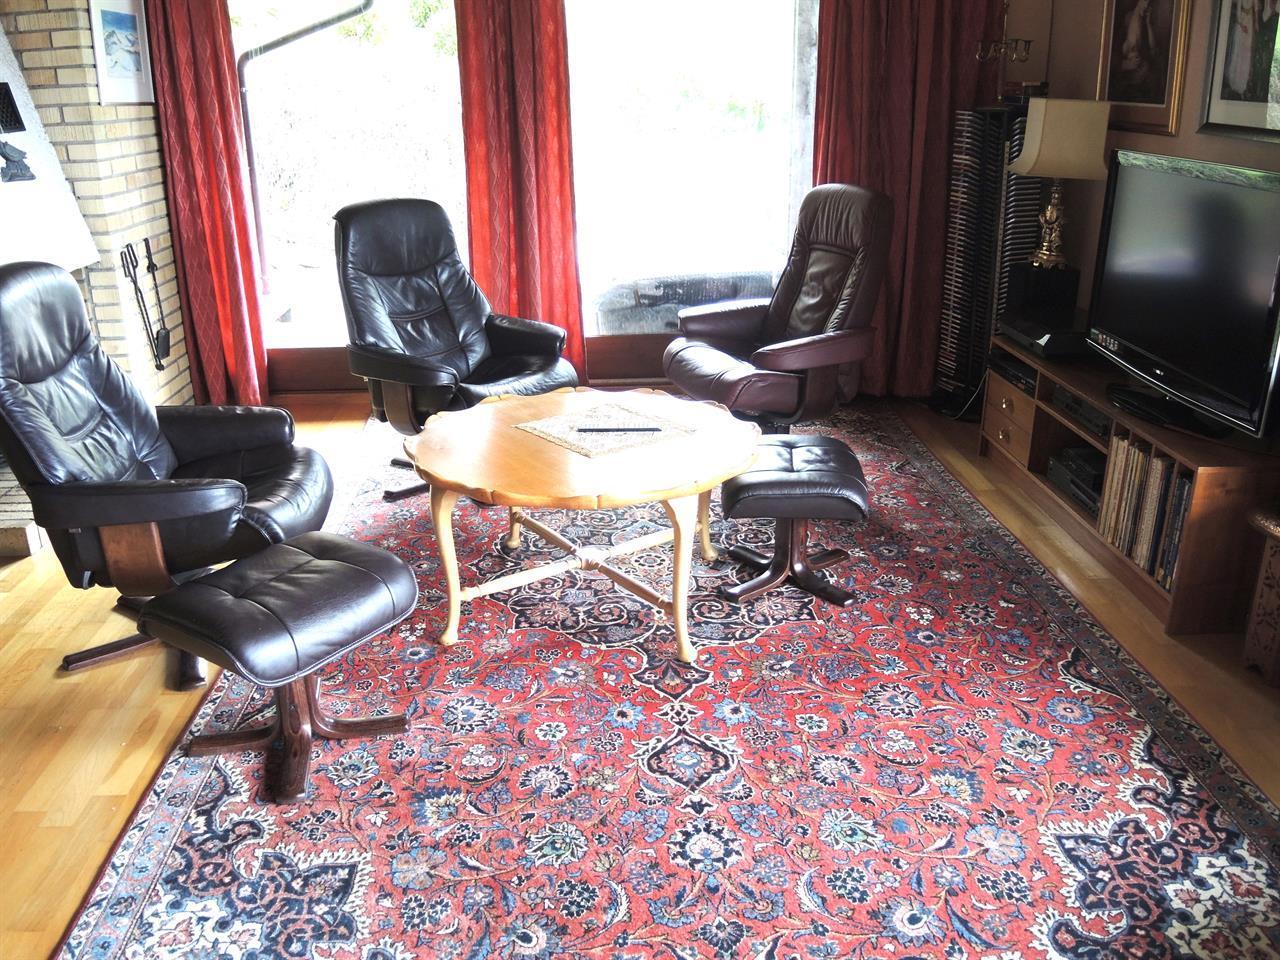 Et stort teppe i en TV-stue